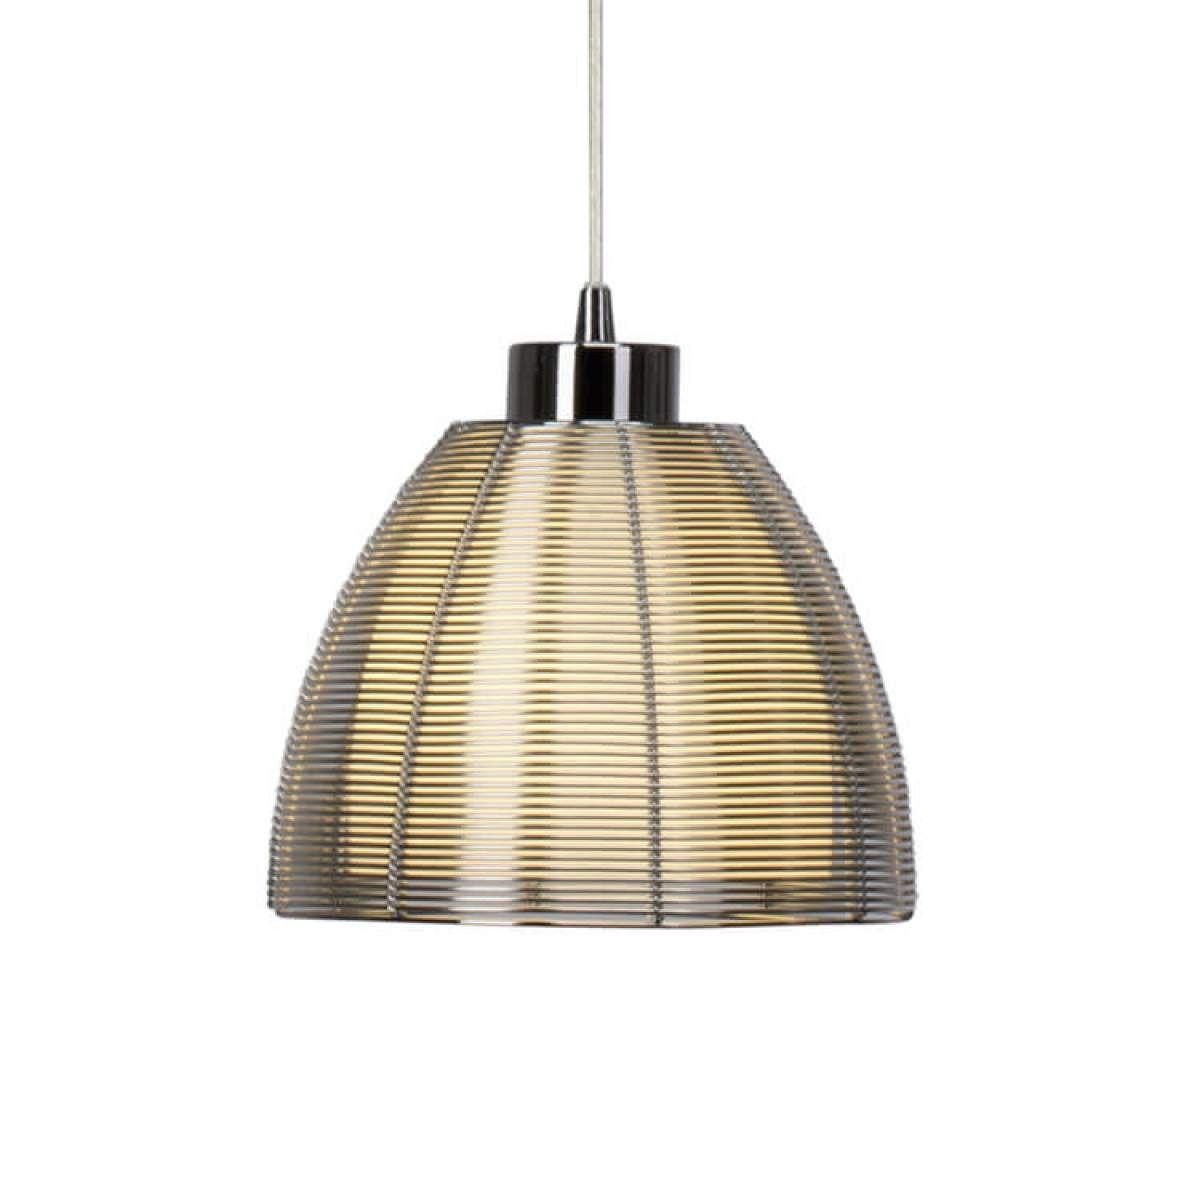 Chromée Suspension Relax À De Une Chevet LampeLuminaires nON8X0wkP